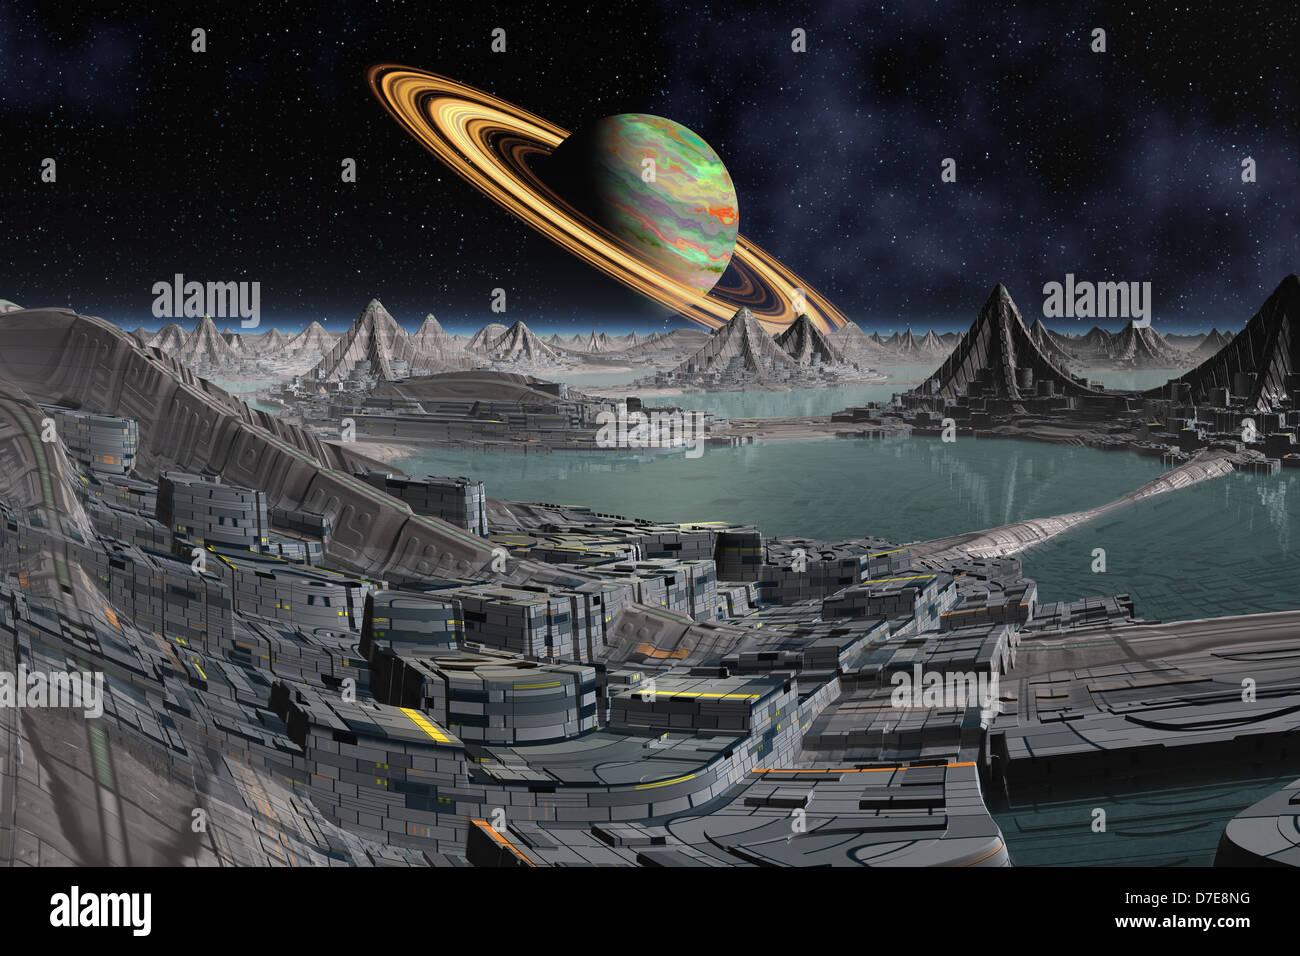 Alien world computer illustration Stock Photo